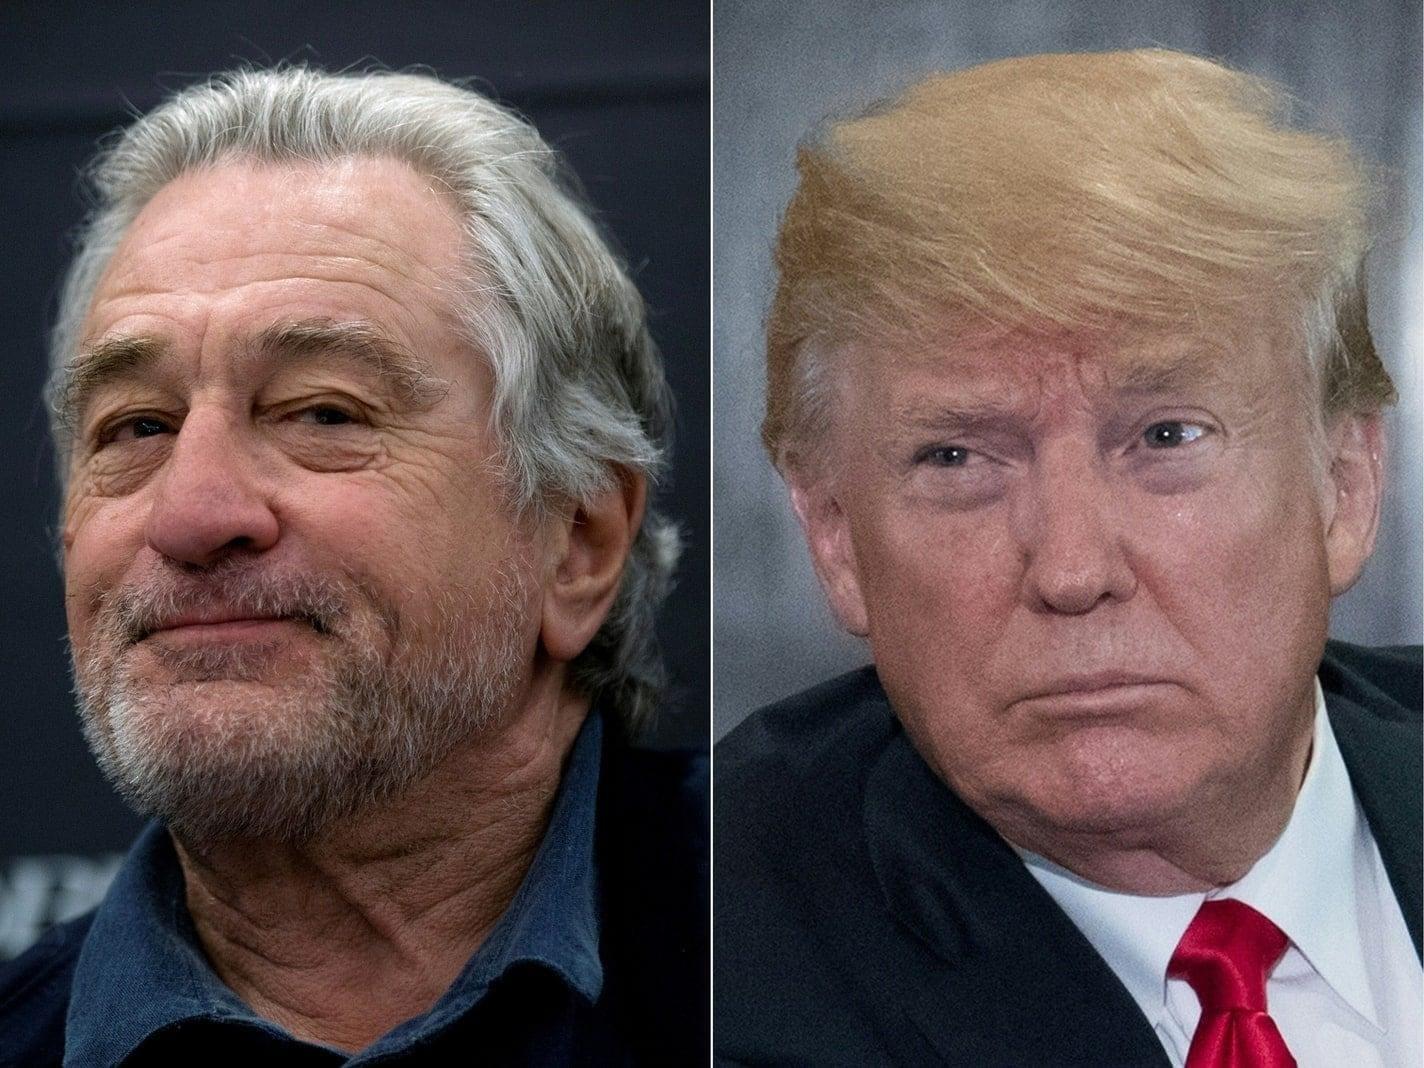 Foto: Robert De Niro Donald Trump